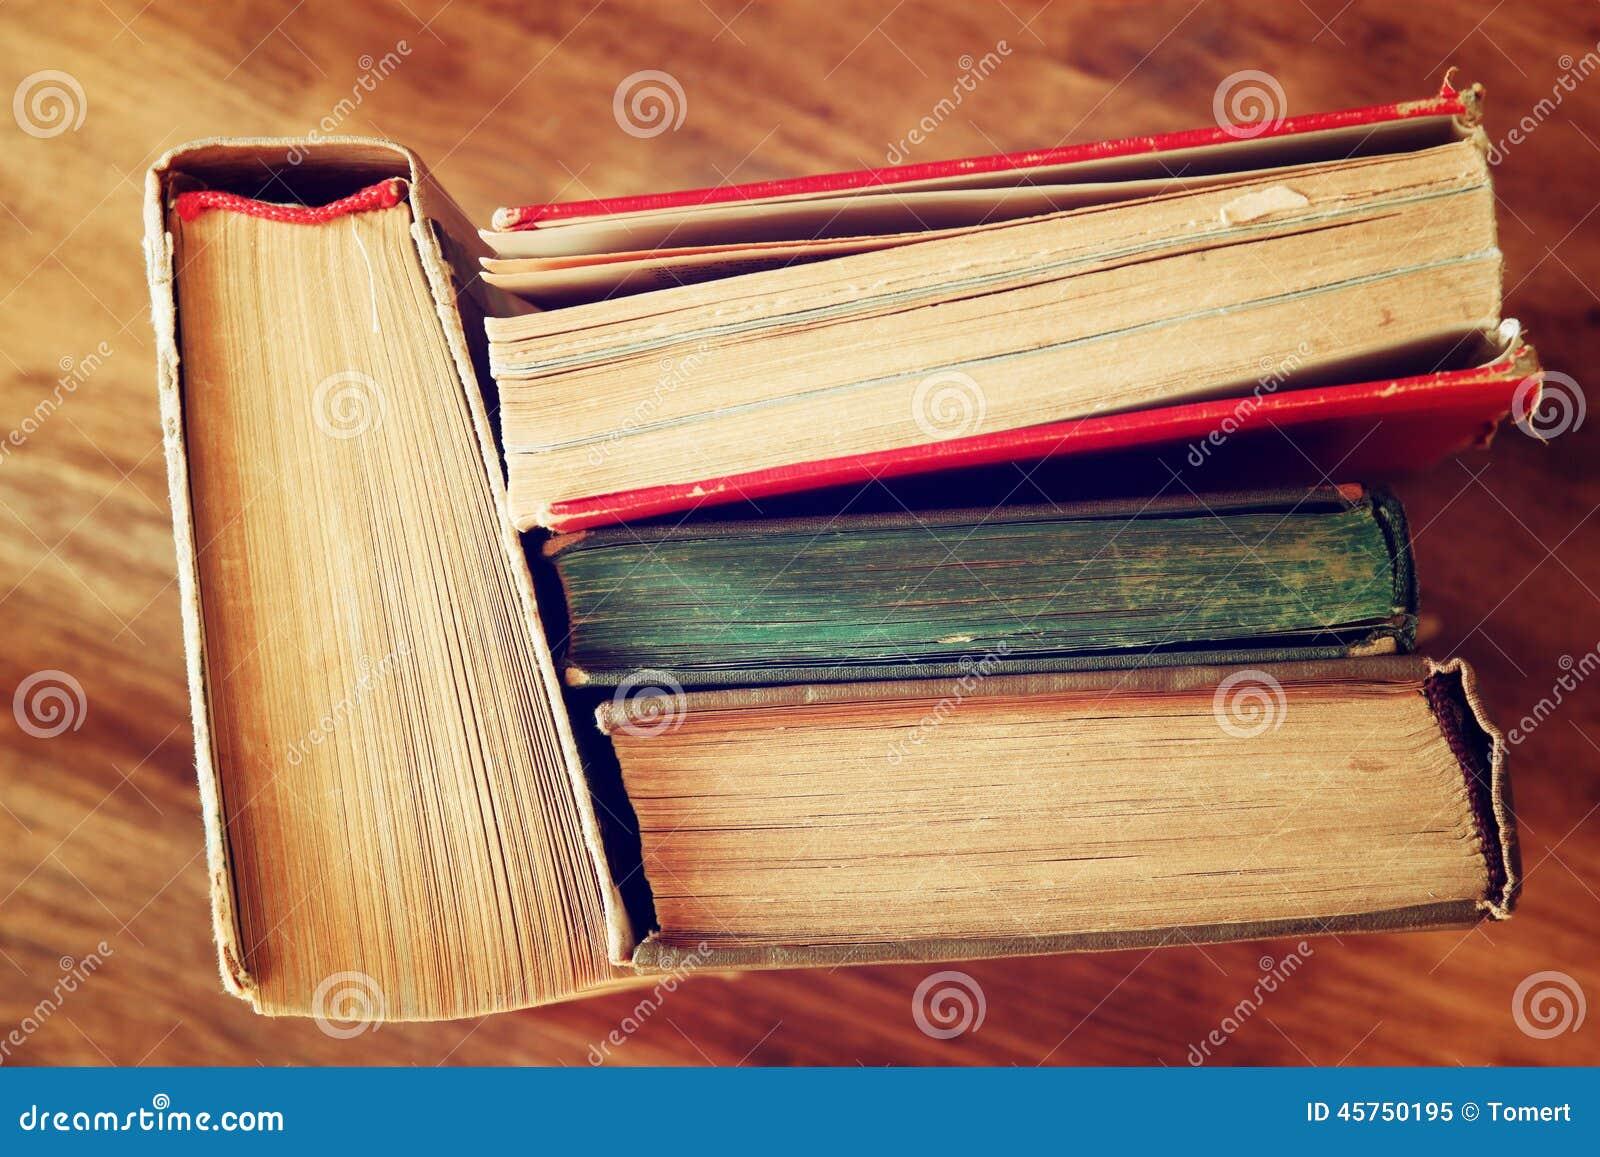 Vista superiore di vecchi libri su una tavola di legno retro immagine filtrata